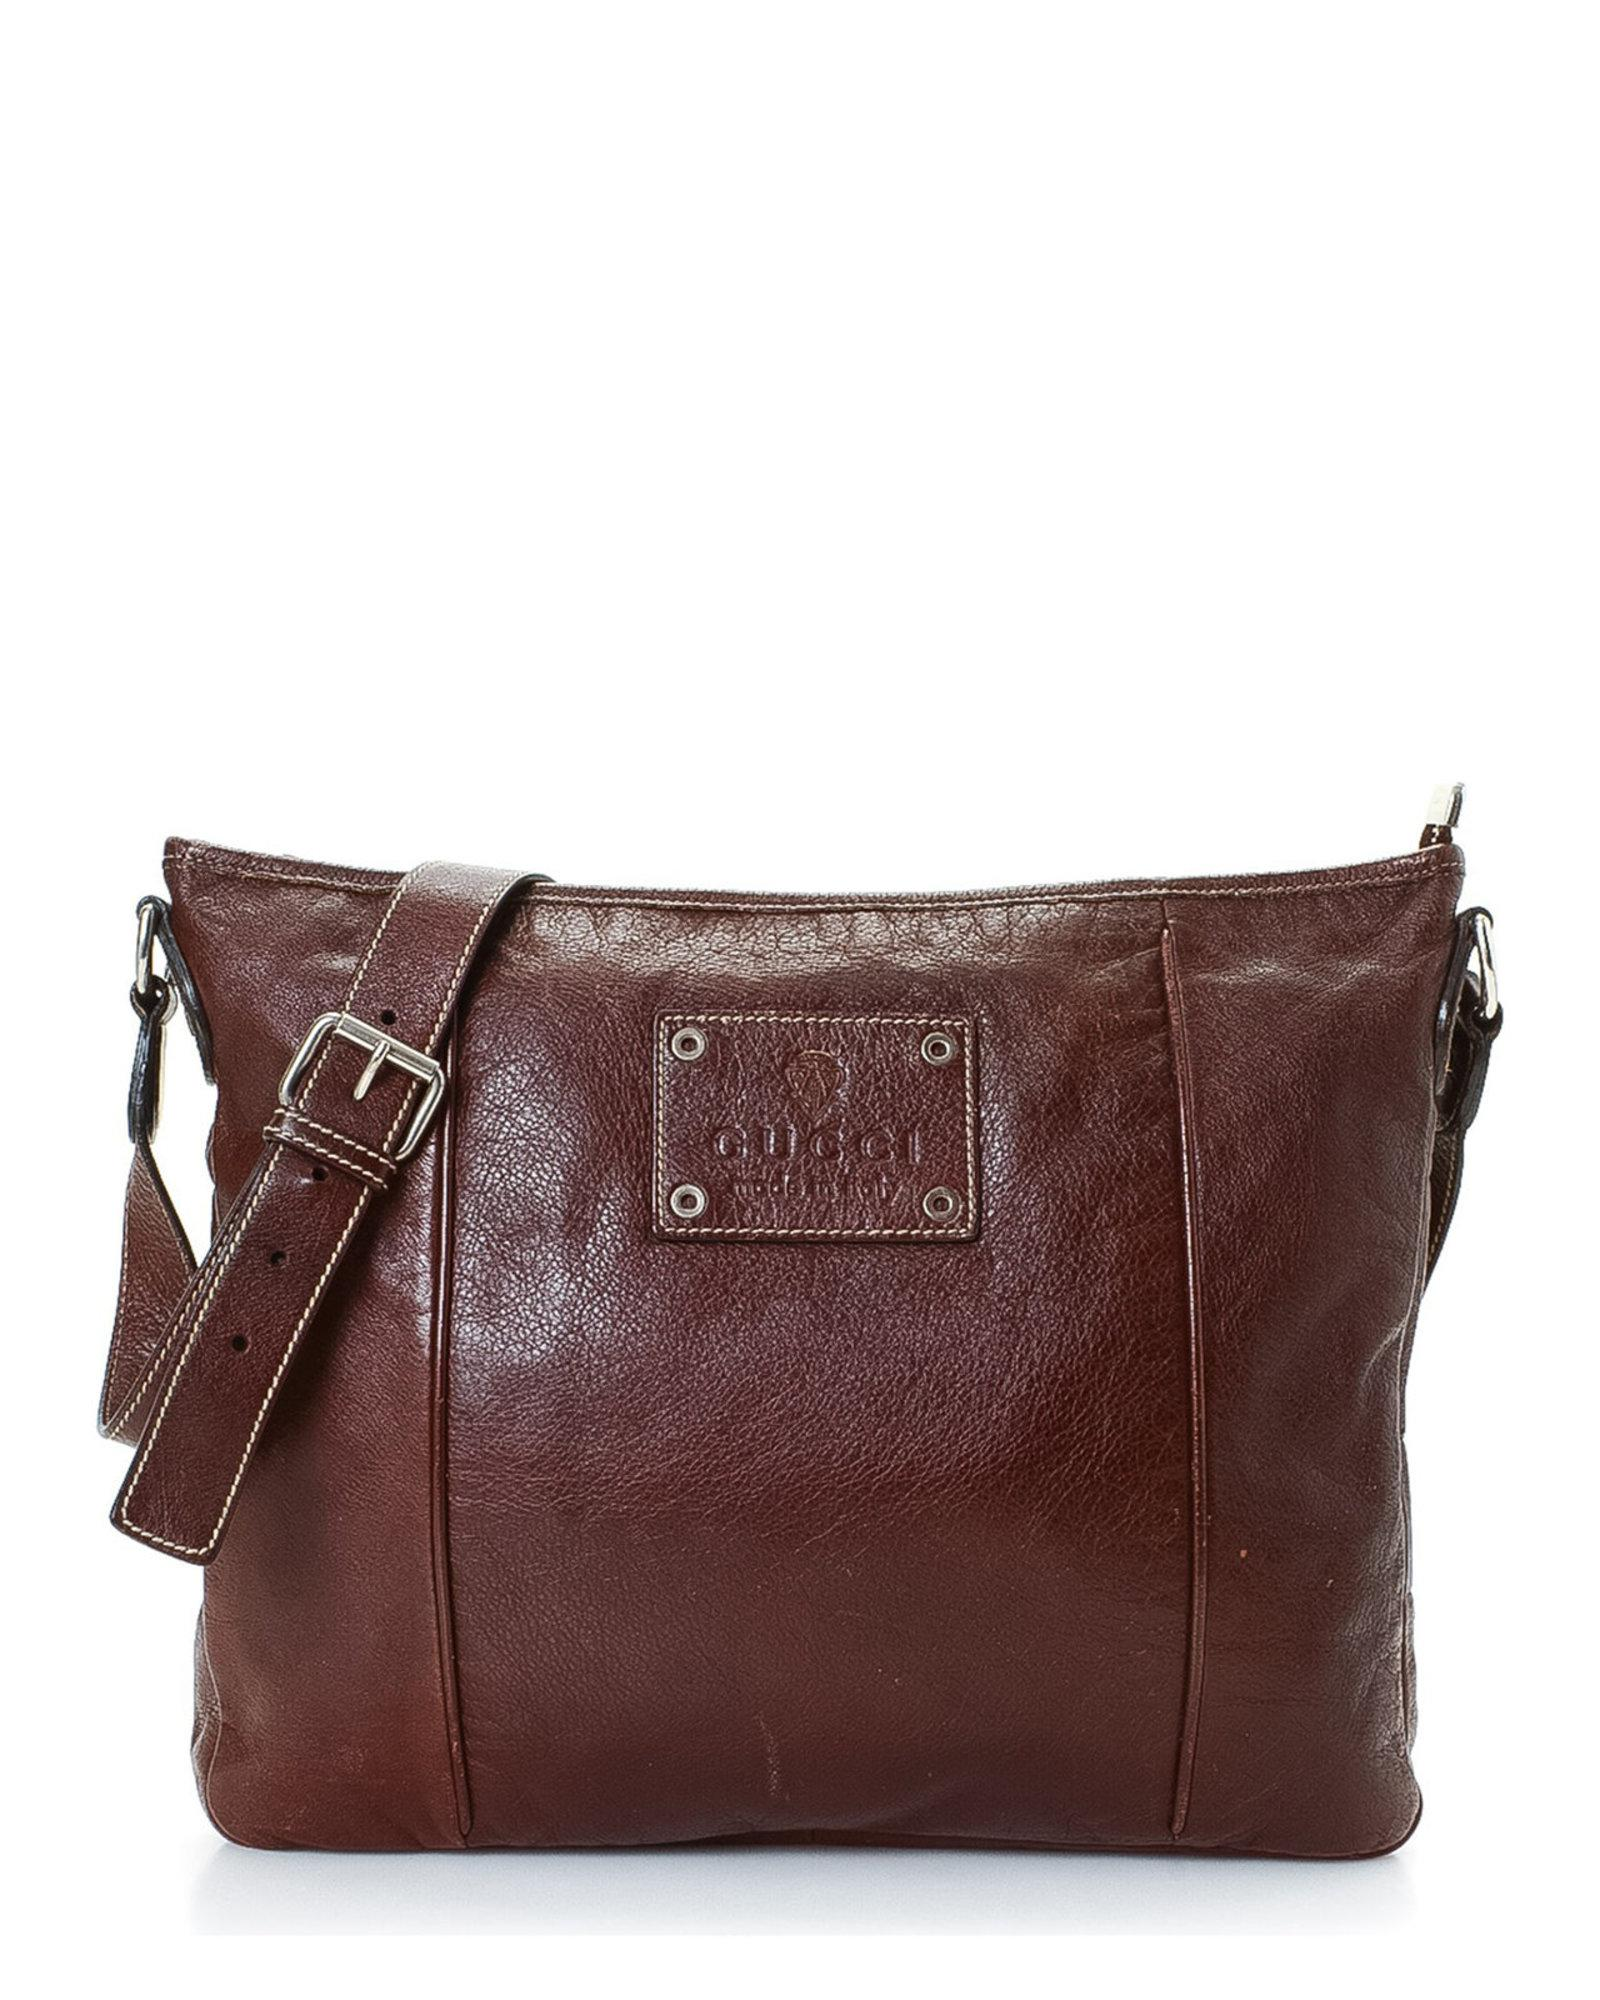 109487132d7 Lyst - Gucci Shoulder Bag - Vintage in Brown